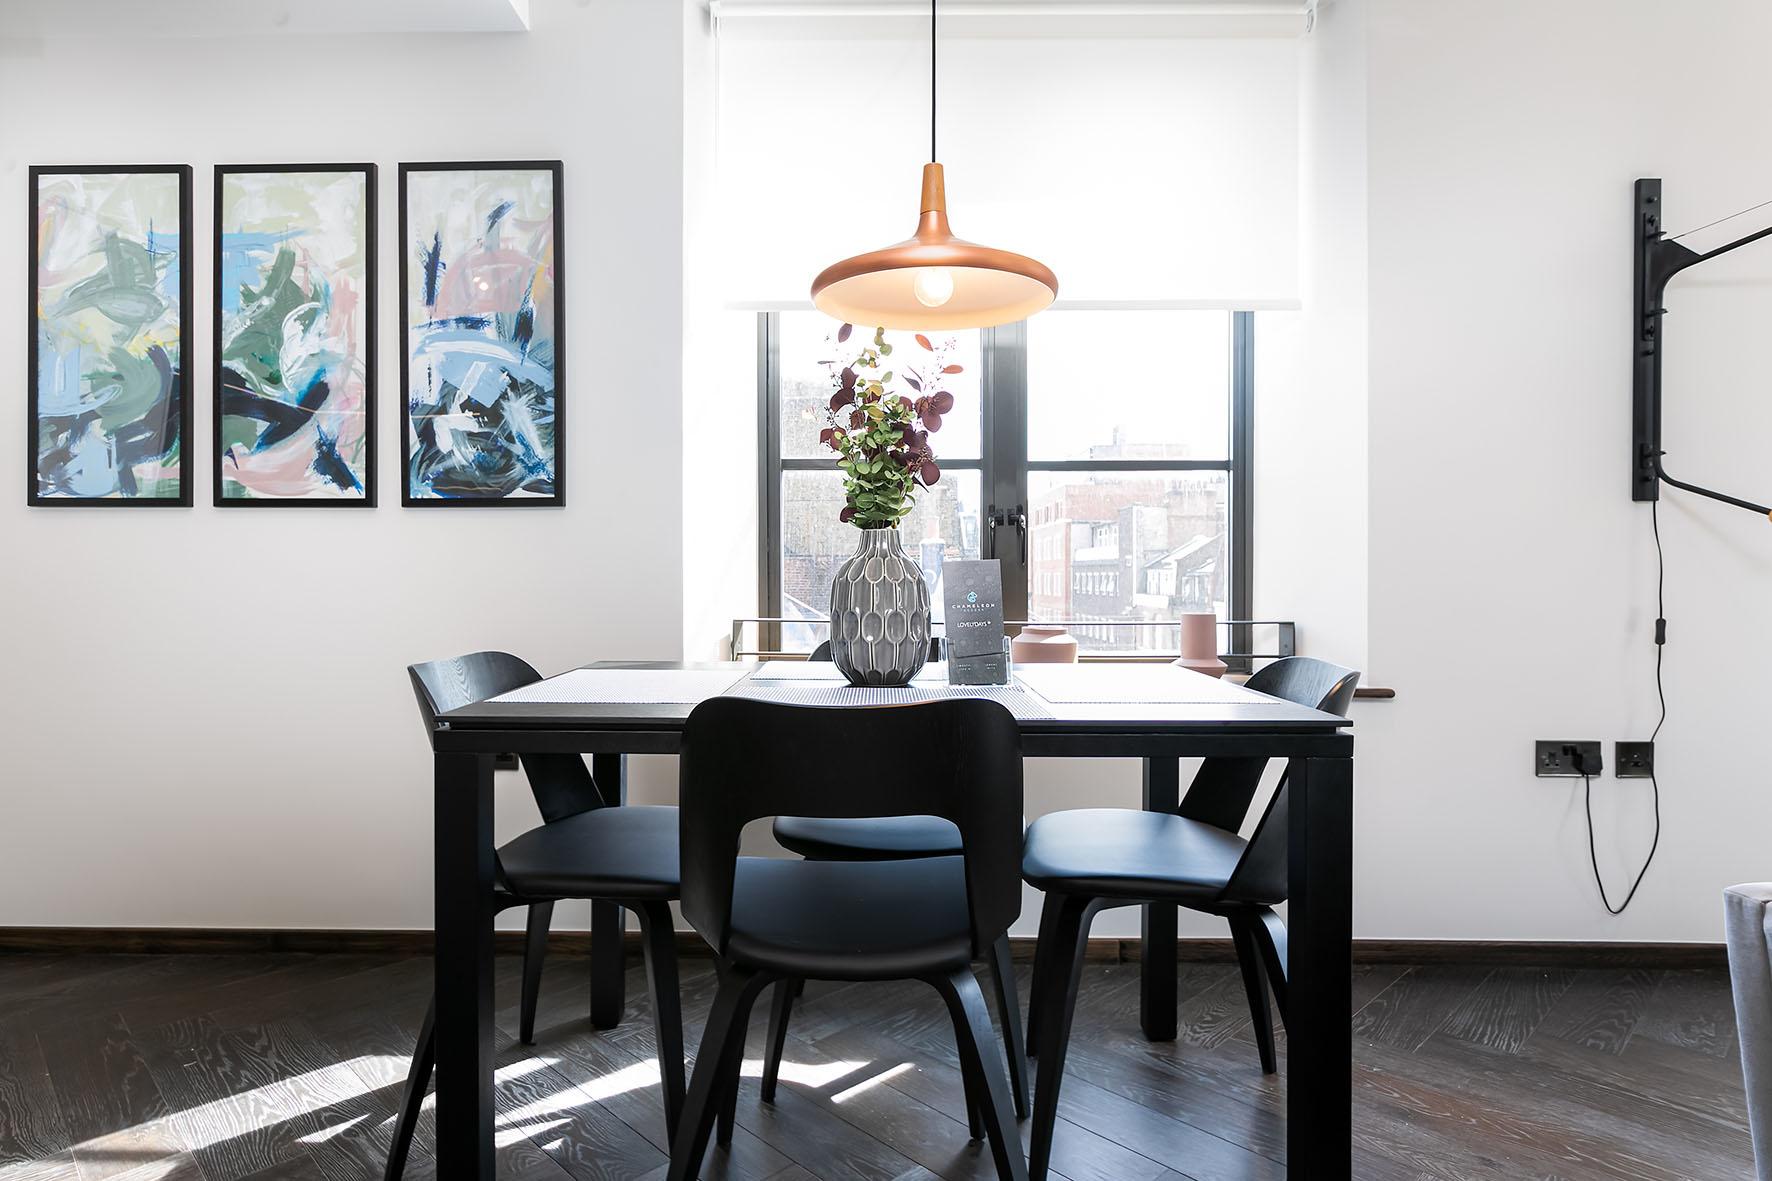 Lovelydays luxury service apartment rental - London - Soho - Noel Street VI - Lovelysuite - 2 bedrooms - 2 bathrooms - Dining living room - bc0307bc8ae7 - Lovelydays